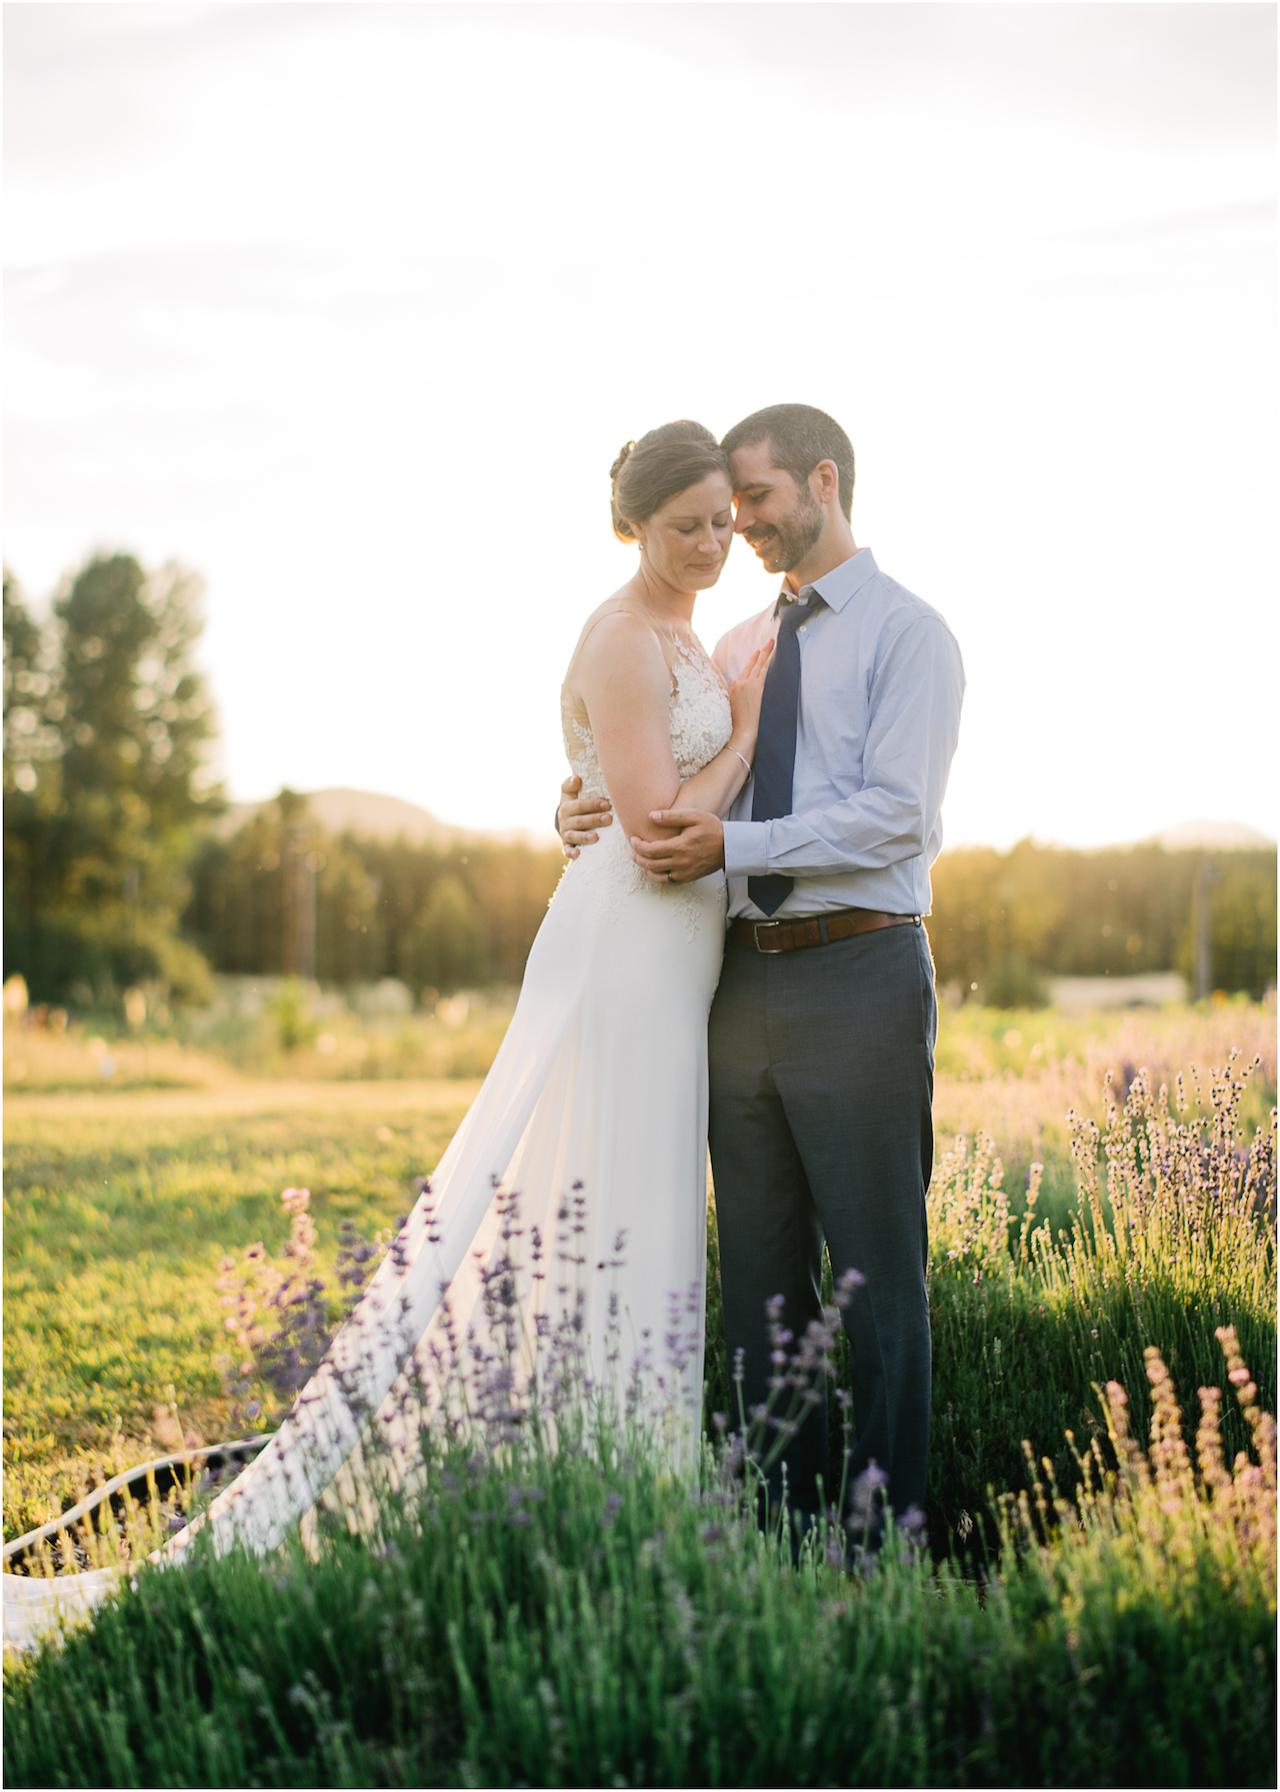 trout-lake-abbey-washington-wedding-112a.jpg